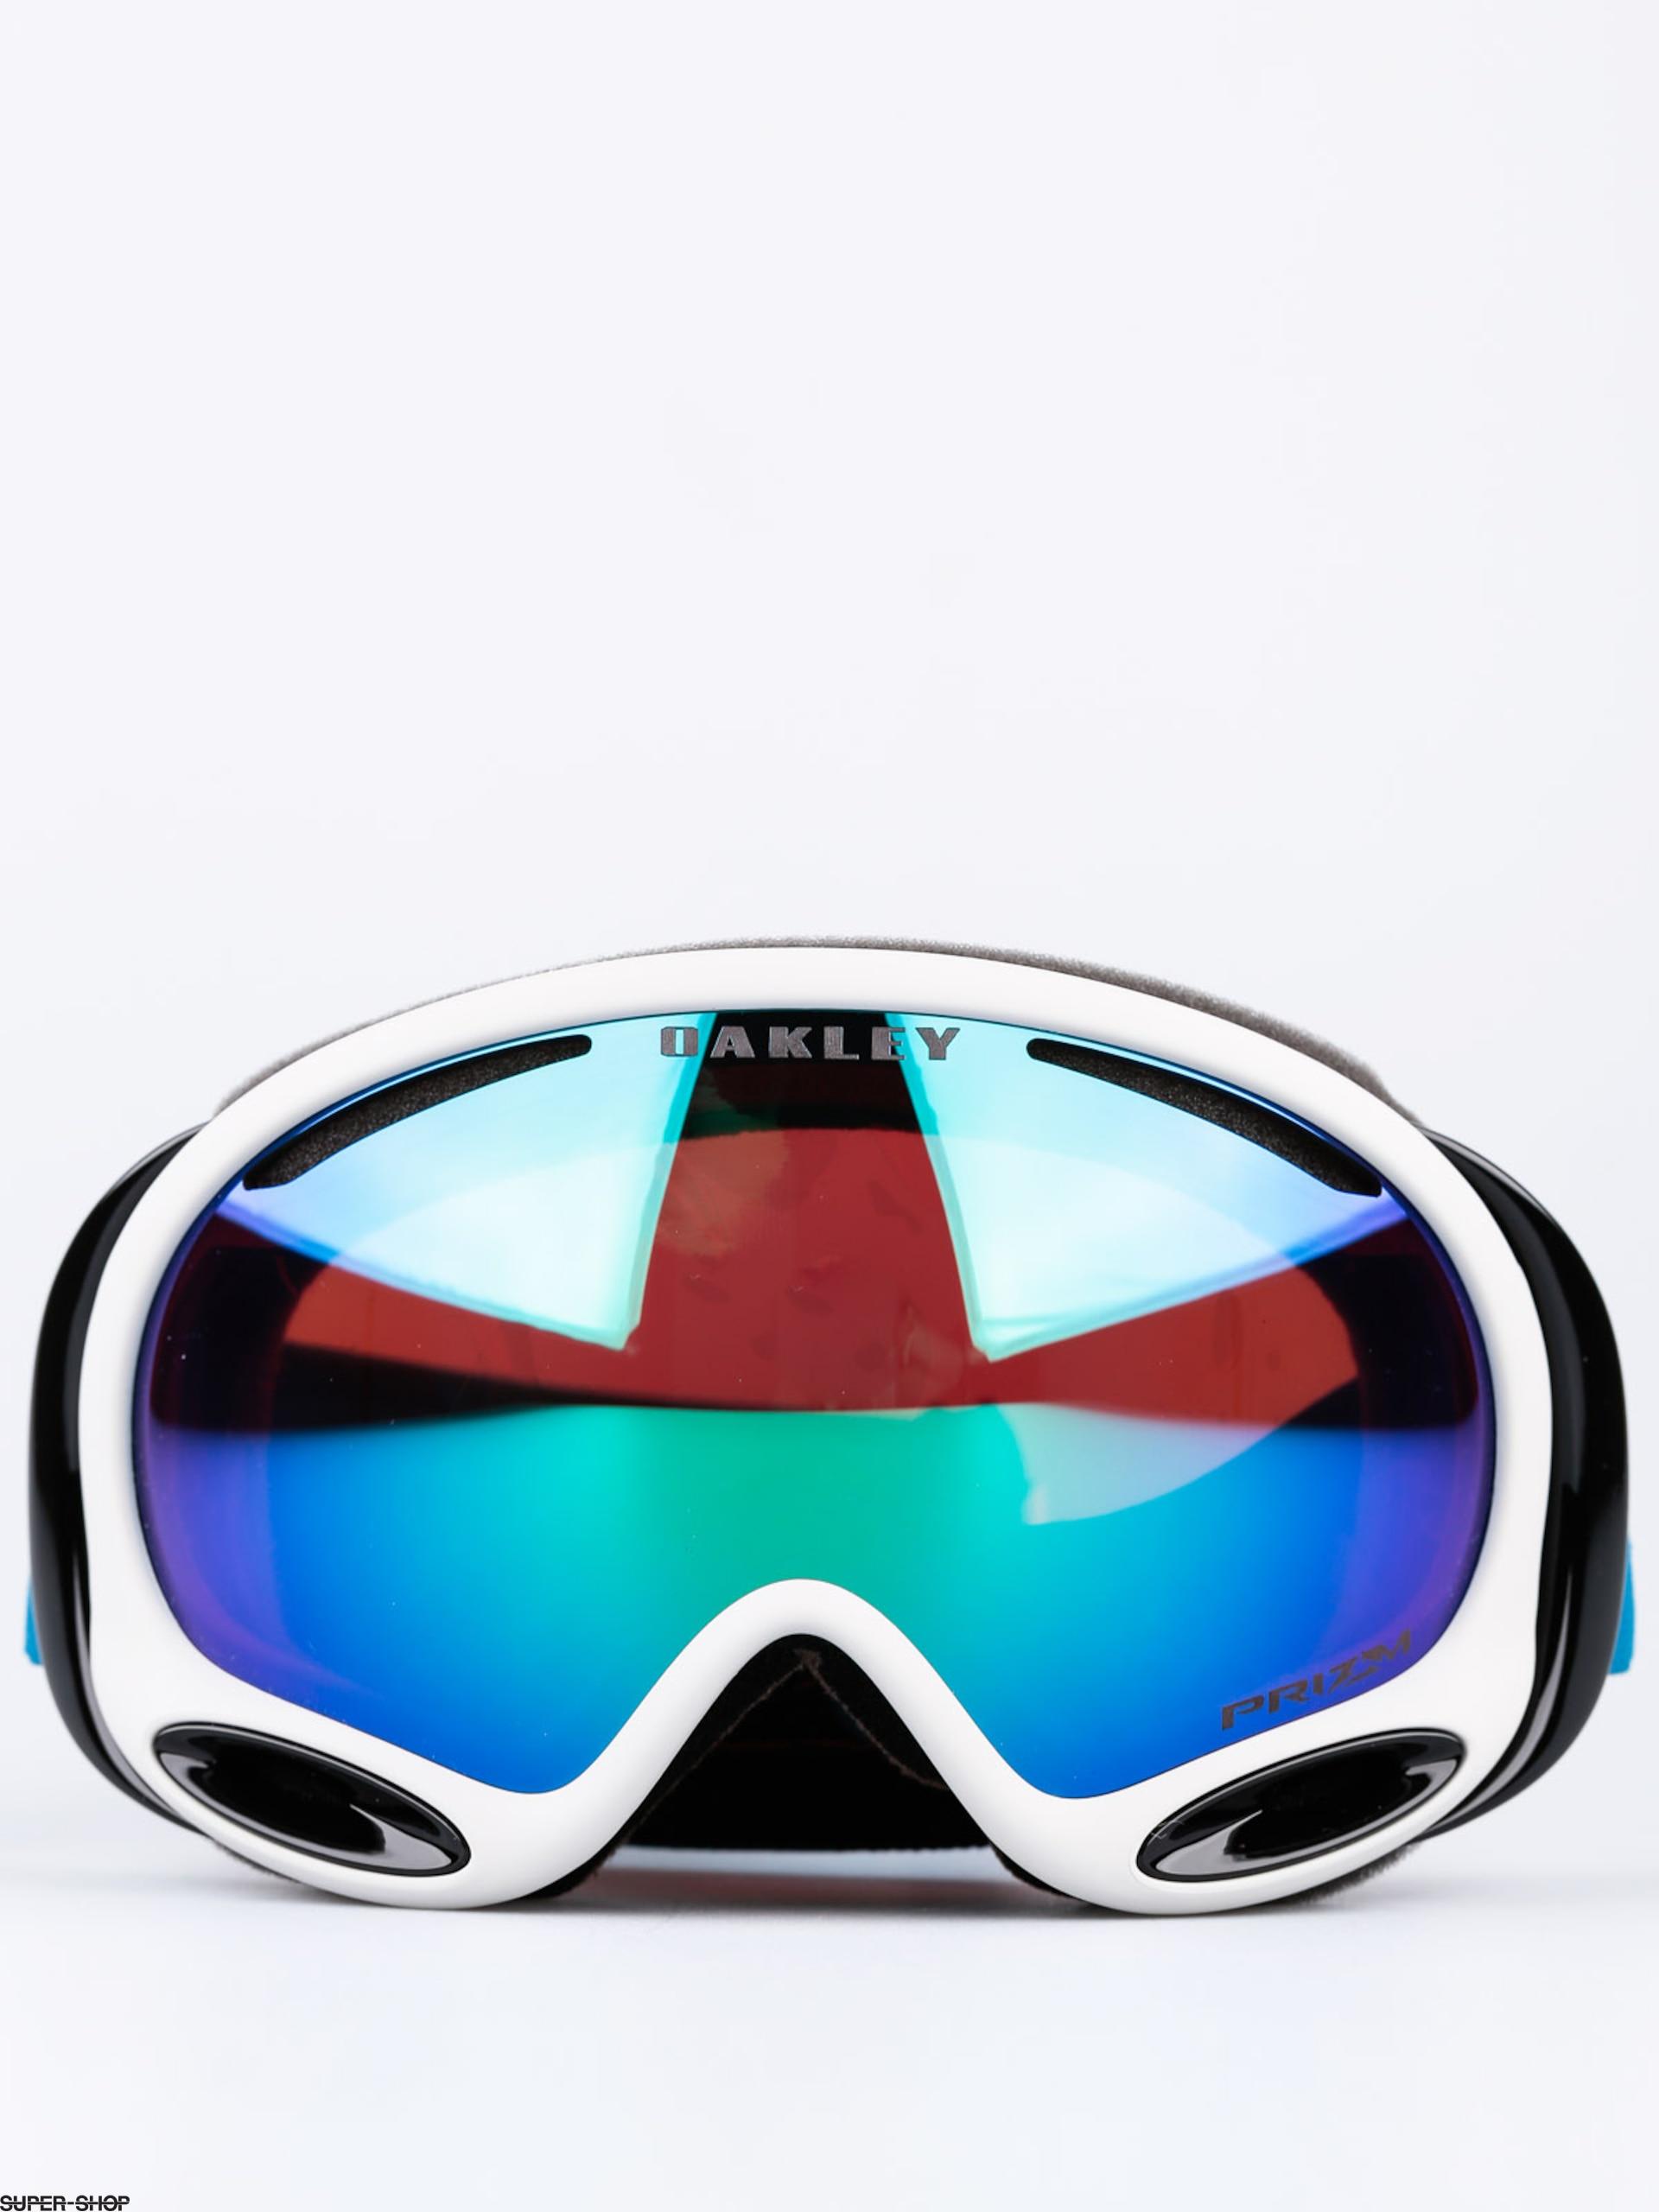 6564f7ed9a7 Oakley Goggles Aframe 2.0 Oxide (legion blue w prizm jade)